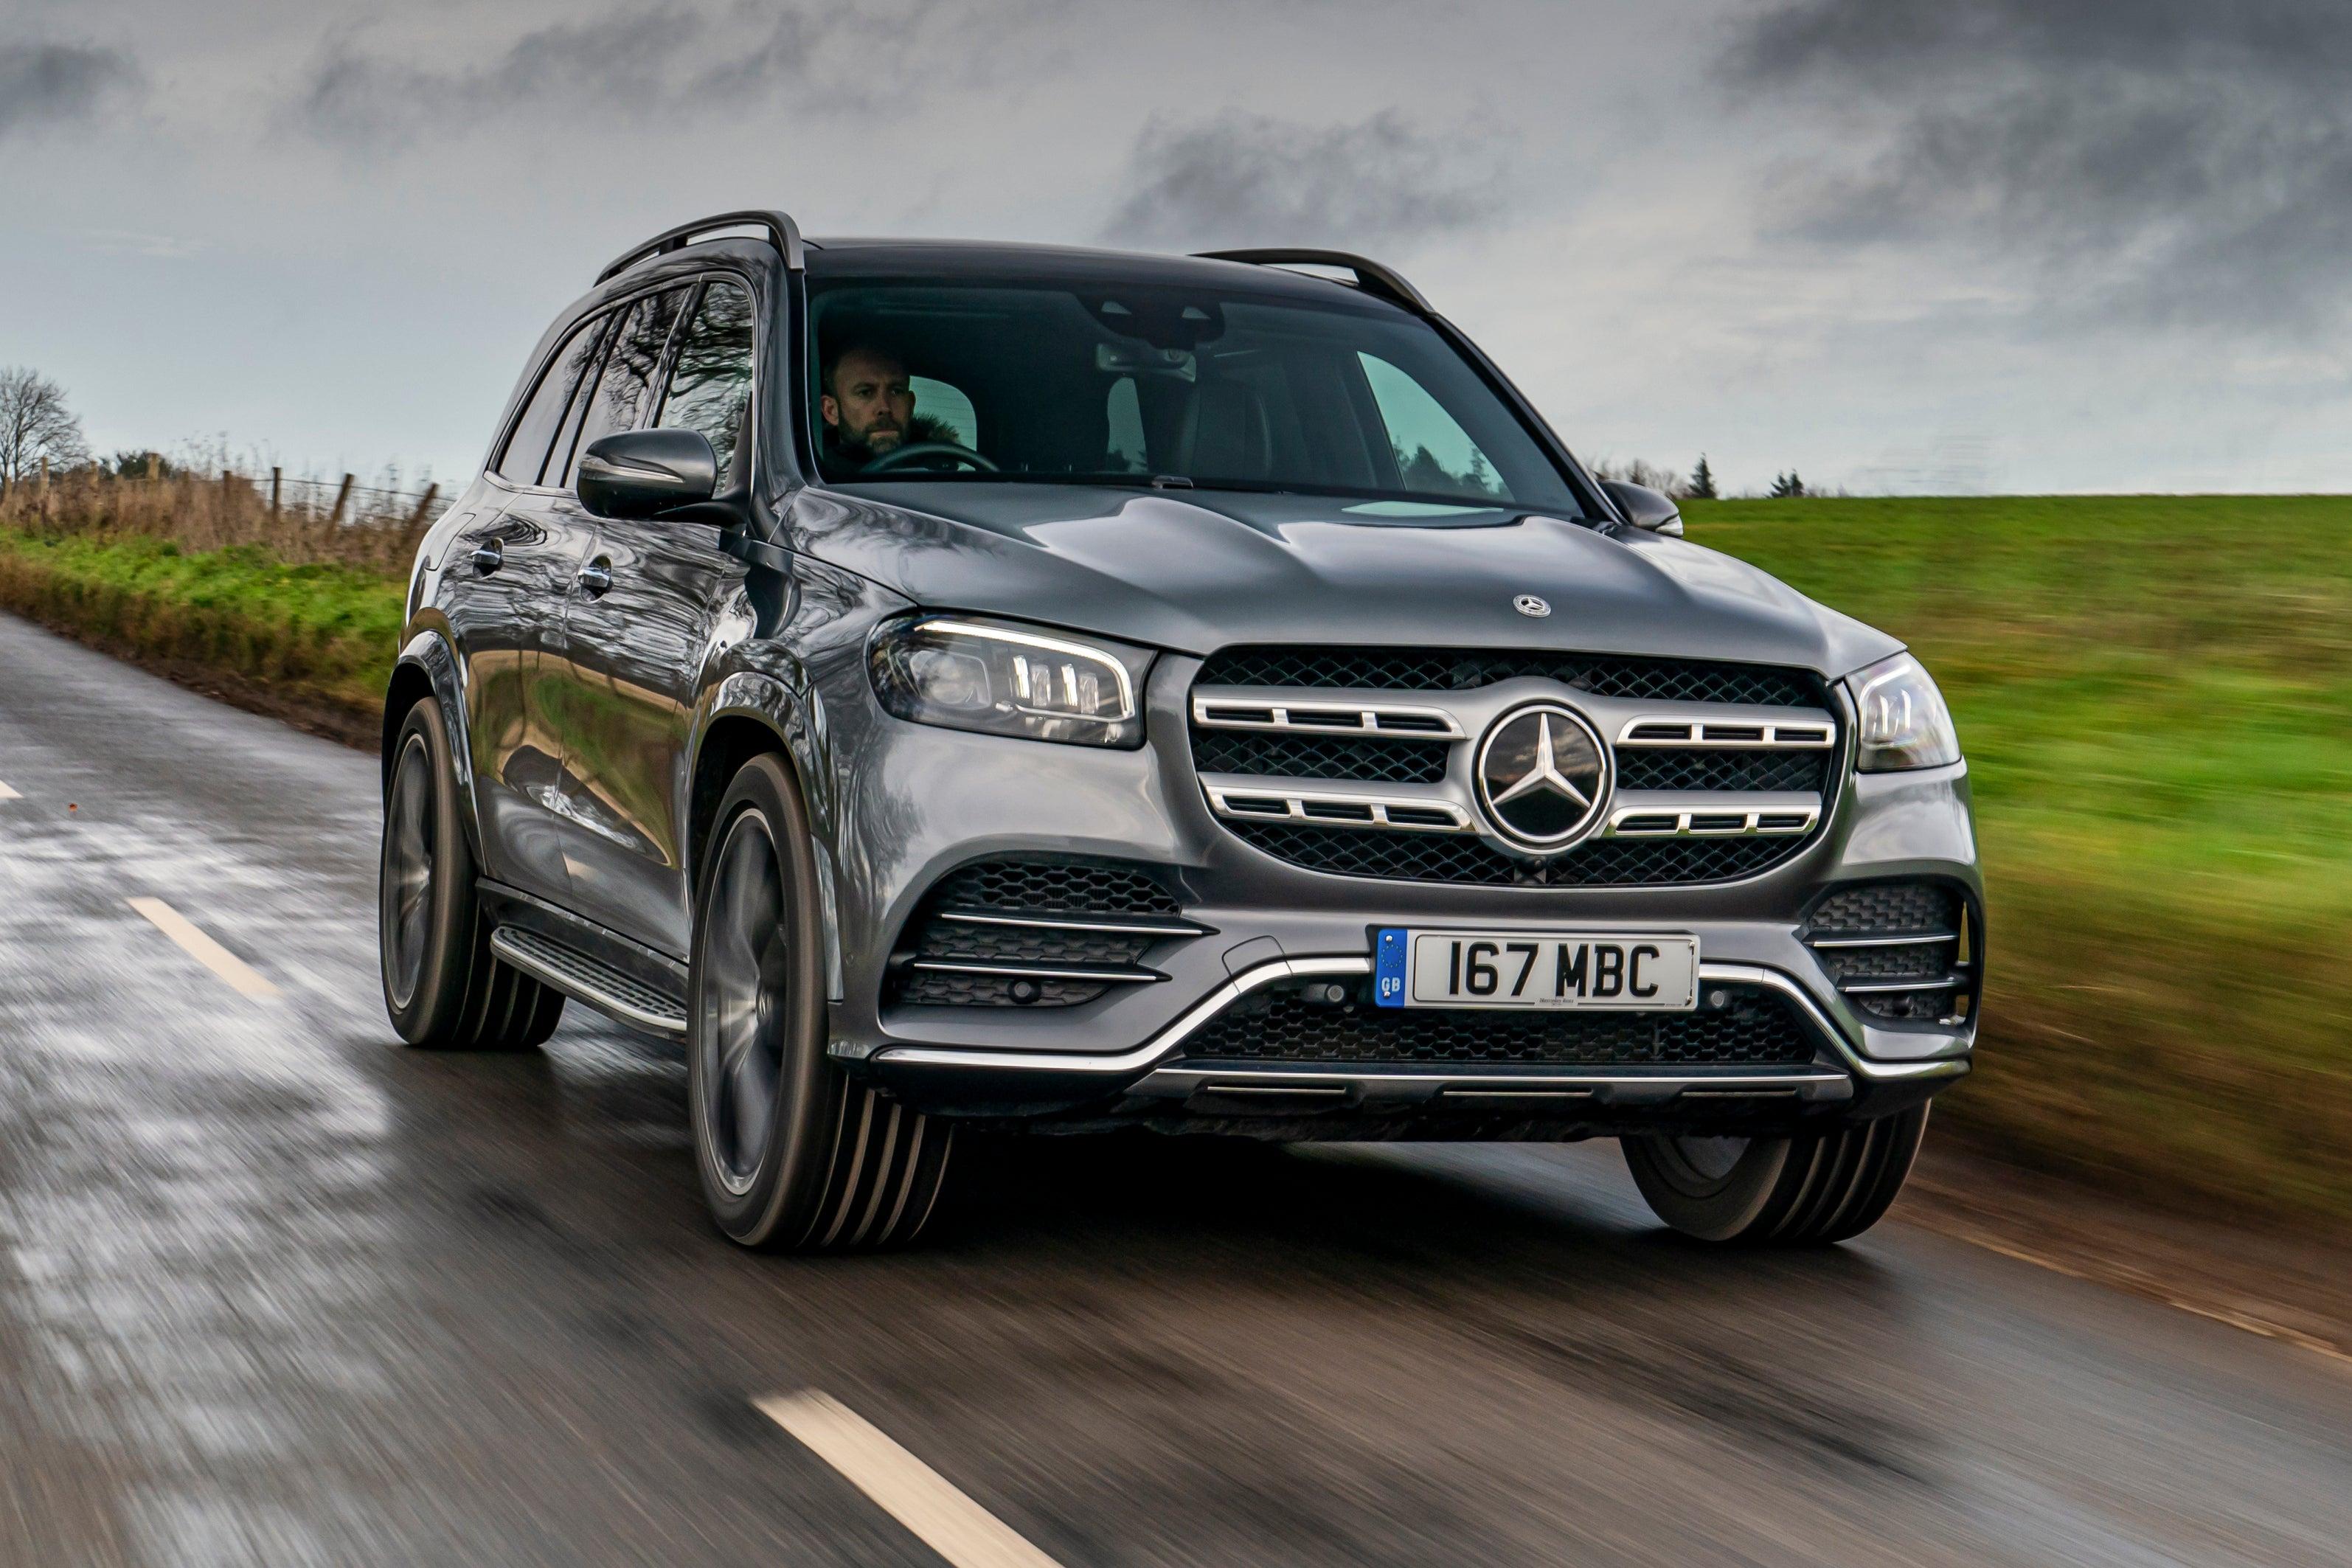 Mercedes GLS front exterior